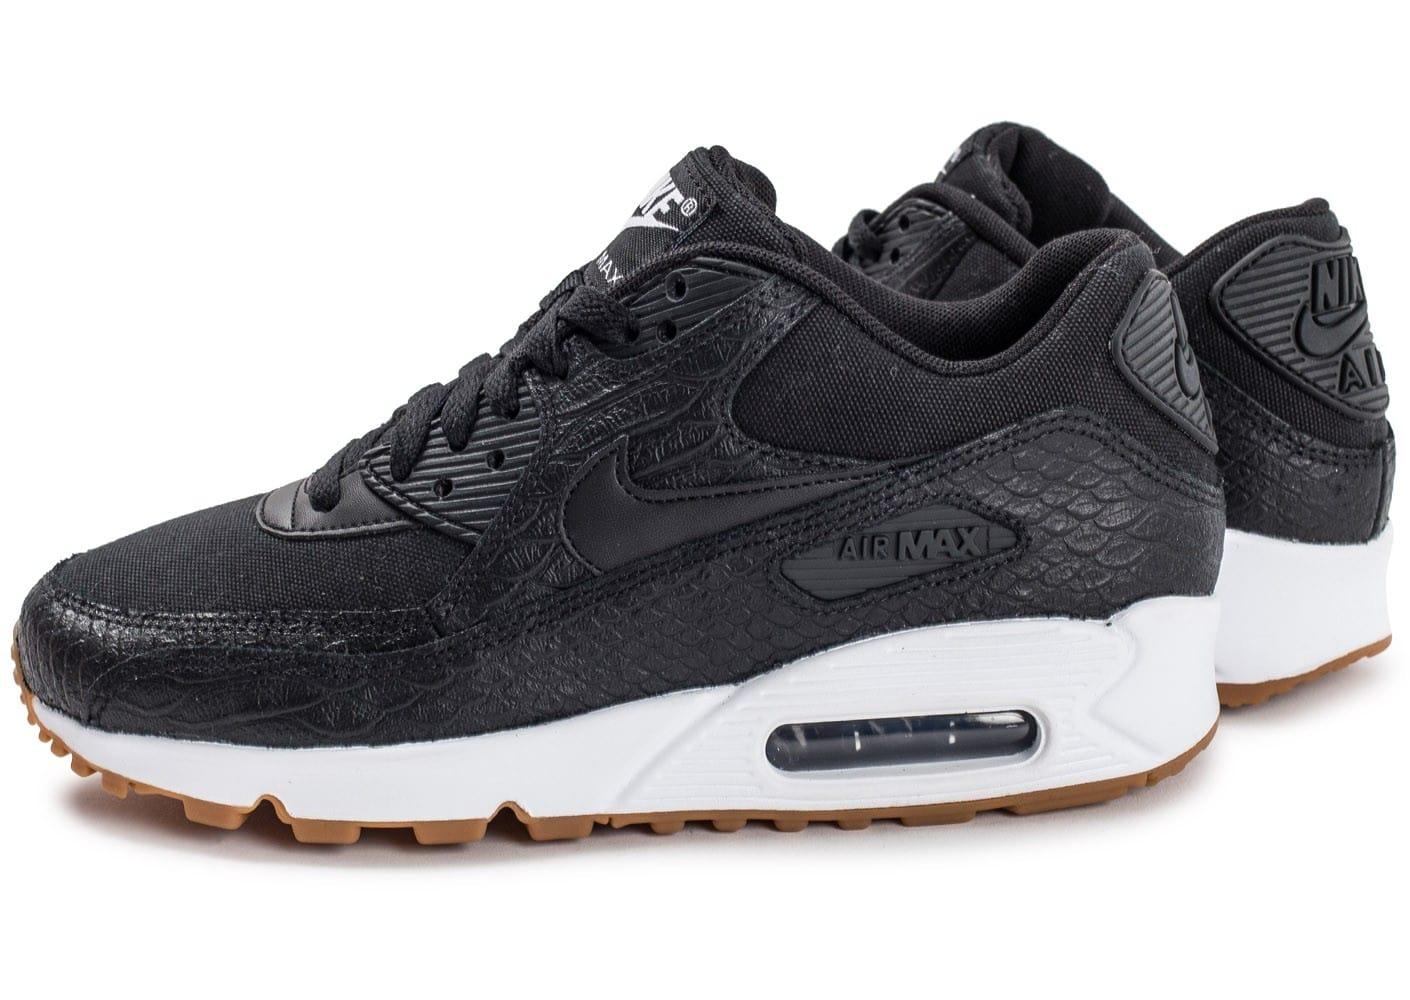 brand new a8b69 93b49 Prix de gros air max 90 premium noir femme France vente en ligne, toutes  les gammes de chaussures Nike pour hommes et femmes outlet pas cher.